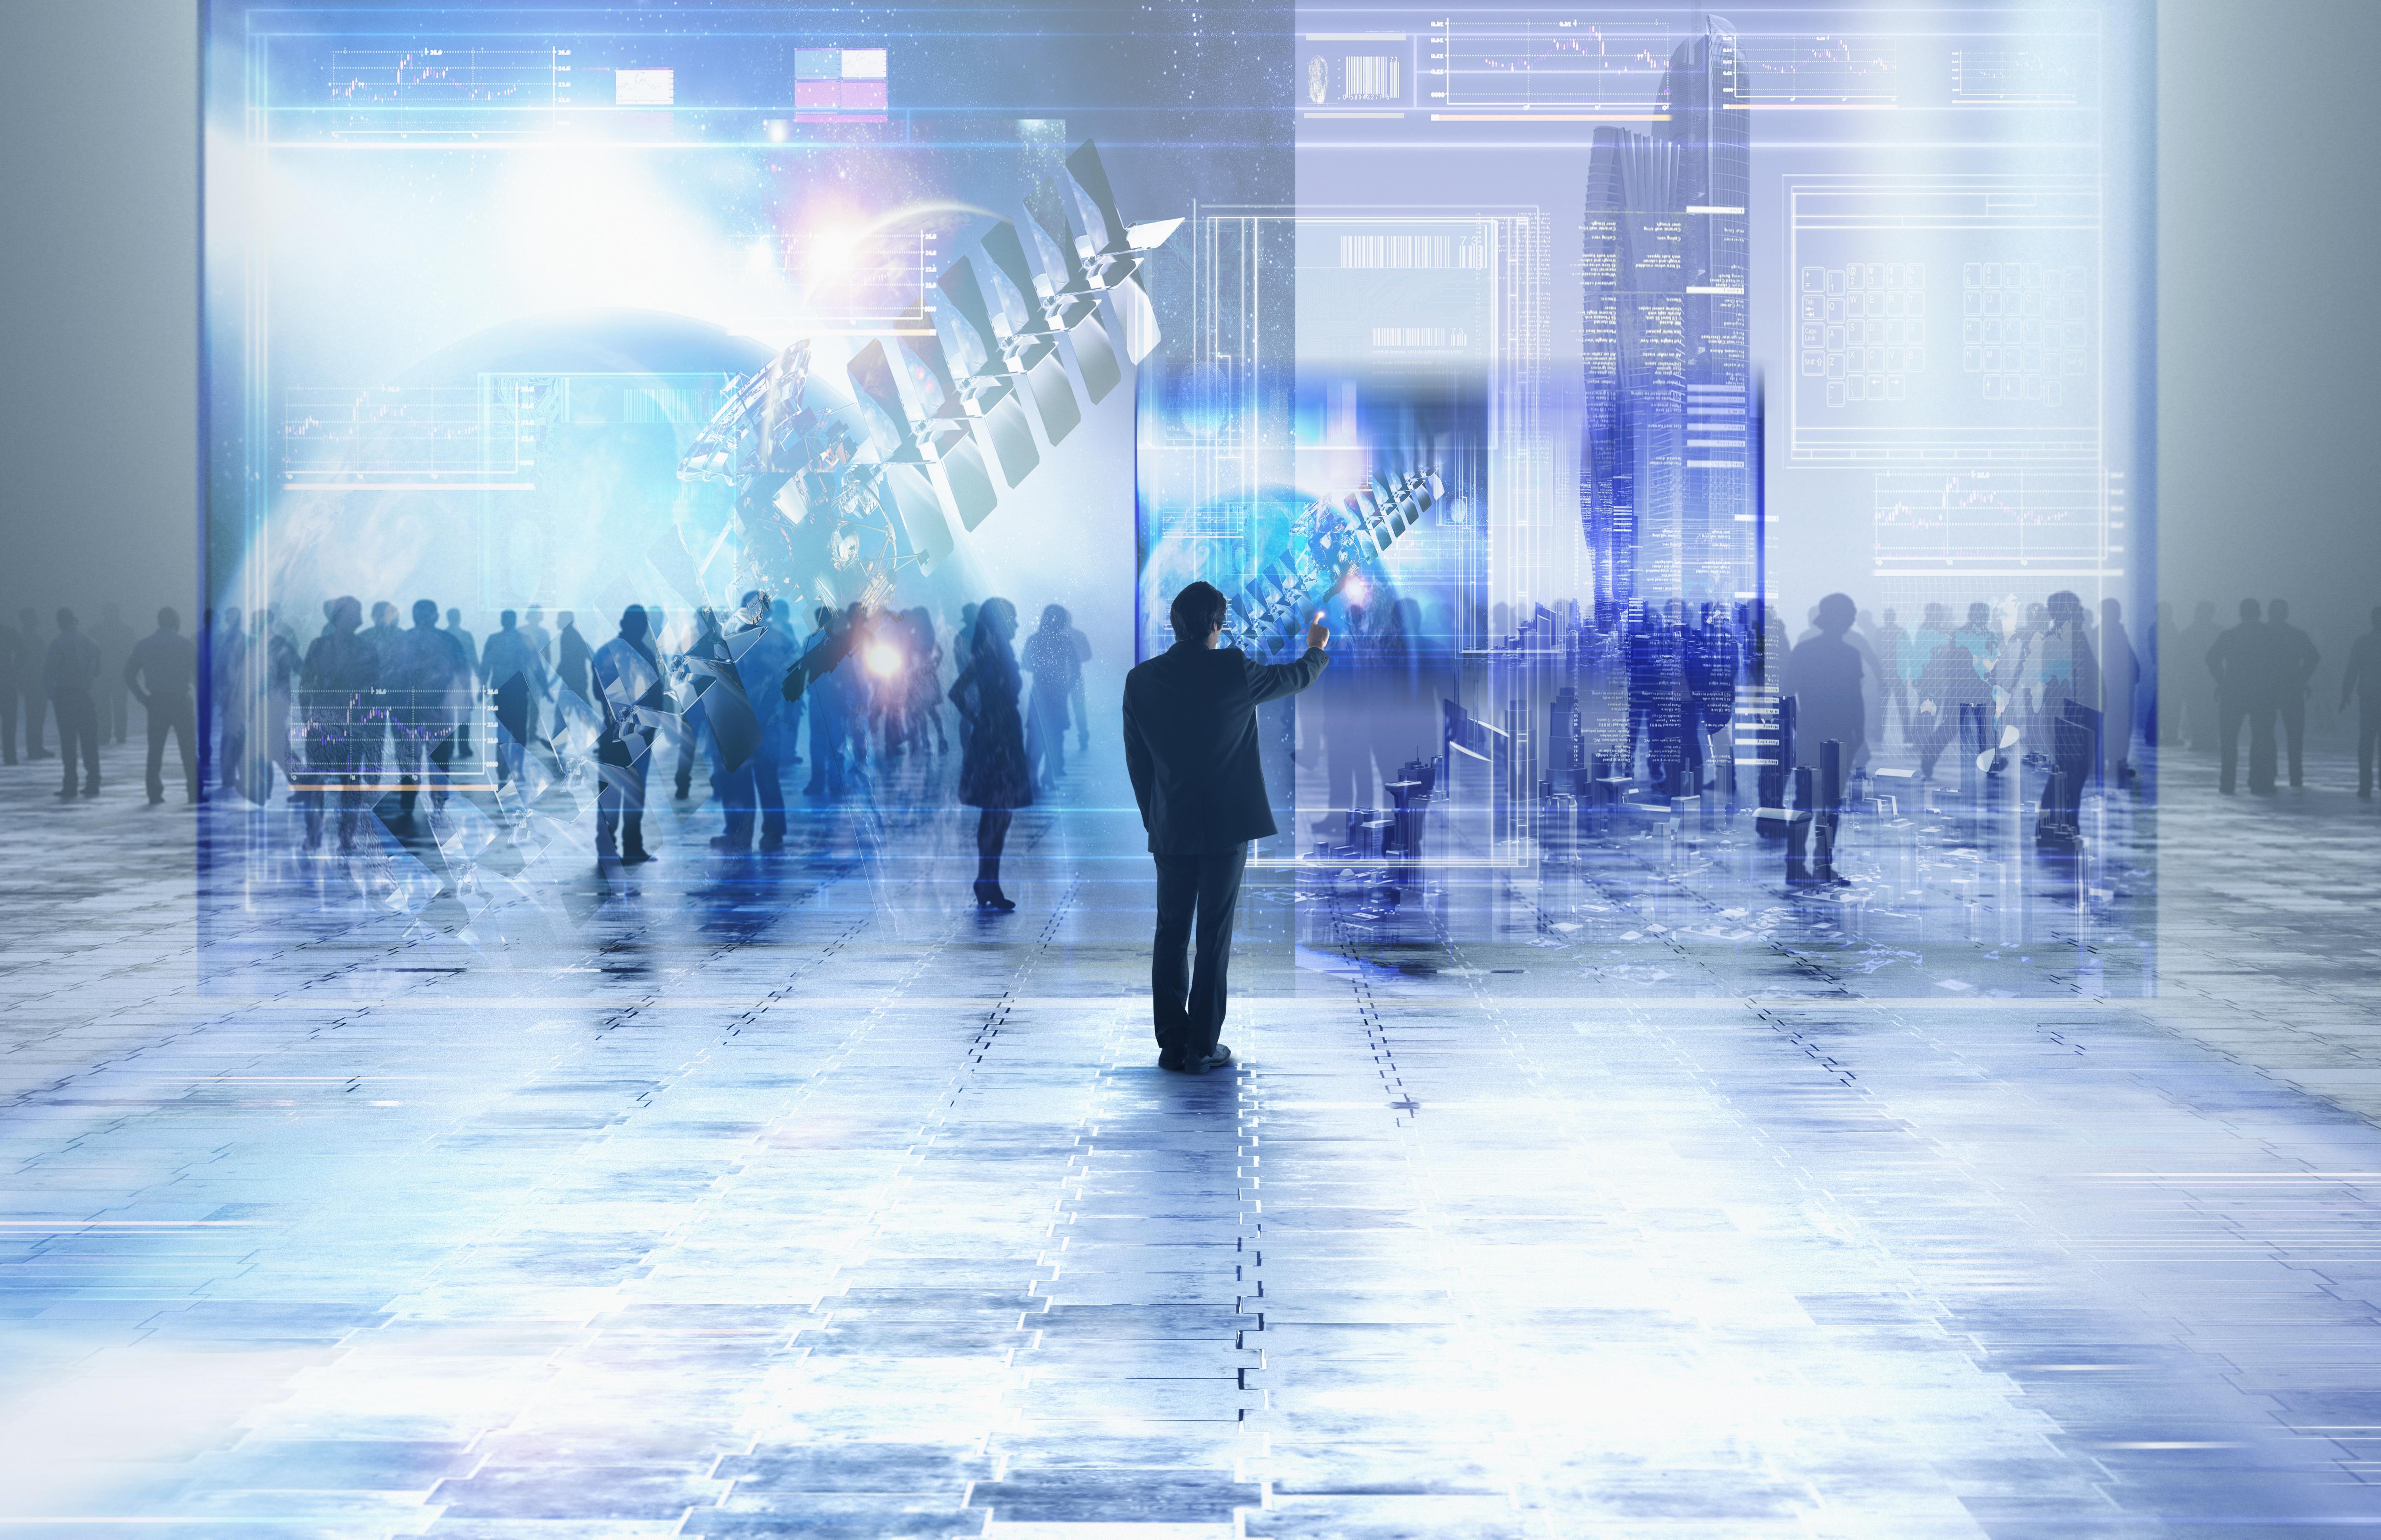 Los inversores también enfrentan un ajuste de cuentas pandémico - TechCrunch 4